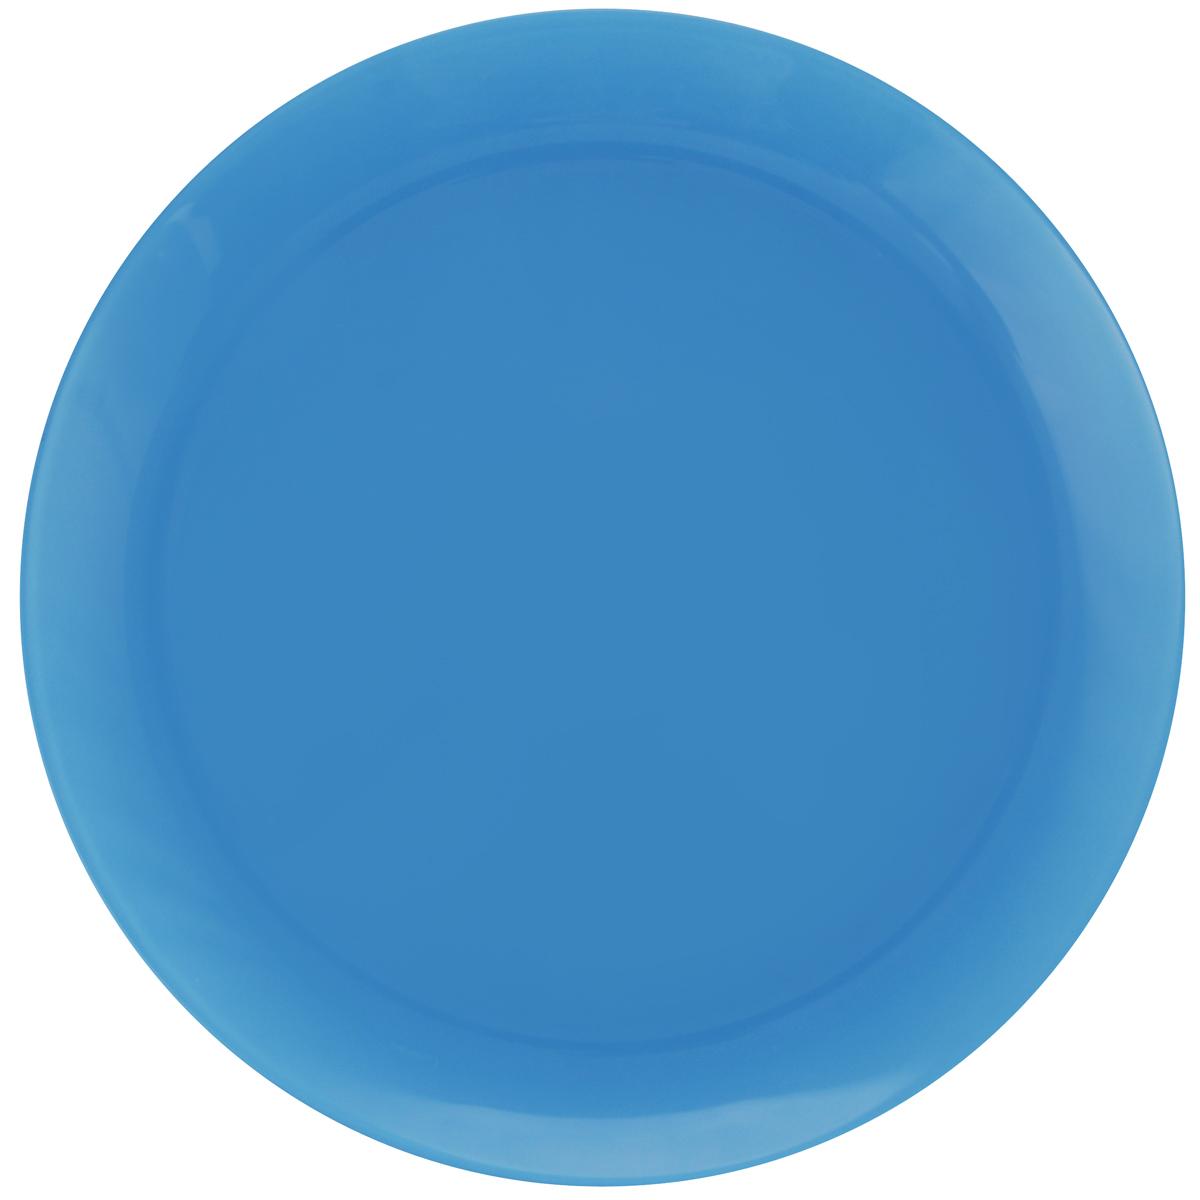 Тарелка десертная Luminarc Arty Azur, диаметр 21 смVT-1520(SR)Десертная тарелка Luminarc Arty Azur, изготовленная из ударопрочного стекла, имеет изысканный внешний вид. Такая тарелка прекрасно подходит как для торжественных случаев, так и для повседневного использования. Идеальна для подачи десертов, пирожных, тортов и многого другого. Она прекрасно оформит стол и станет отличным дополнением к вашей коллекции кухонной посуды. Можно использовать в микроволновой печи, холодильнике и мыть в посудомоечной машине. Диаметр тарелки по верхнему краю: 21 см.